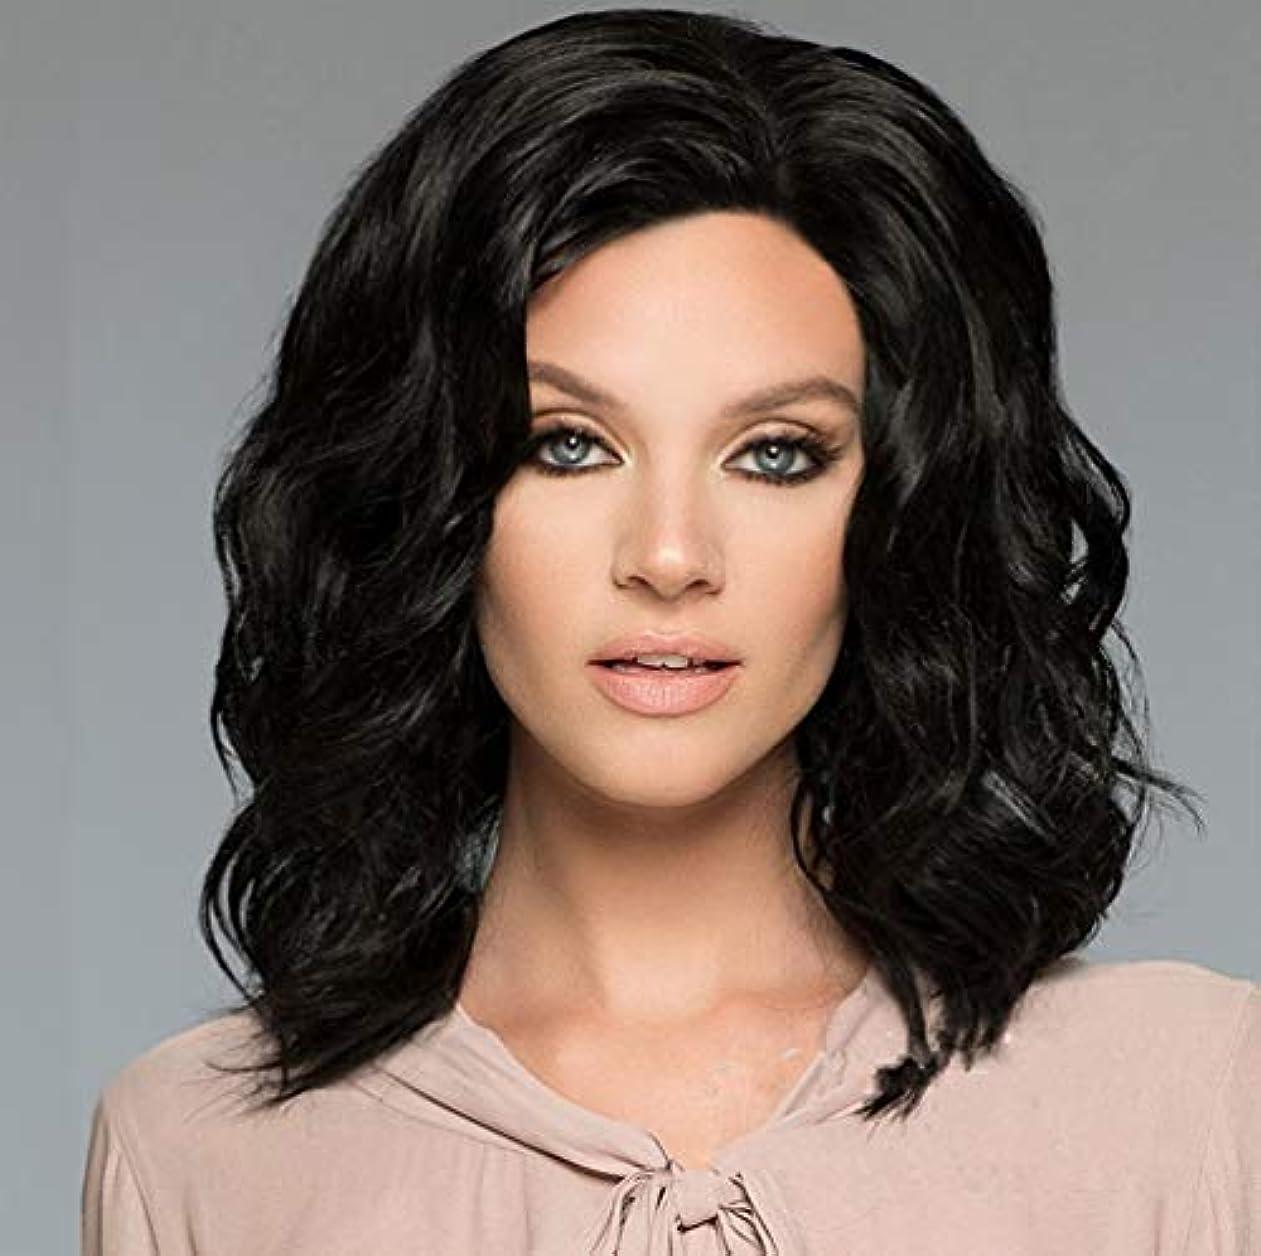 詐欺拡大するスケルトン女性150%密度ウィッググルーレスショートボブヘアウィッグ波状で少しベビーヘアブラック35cm